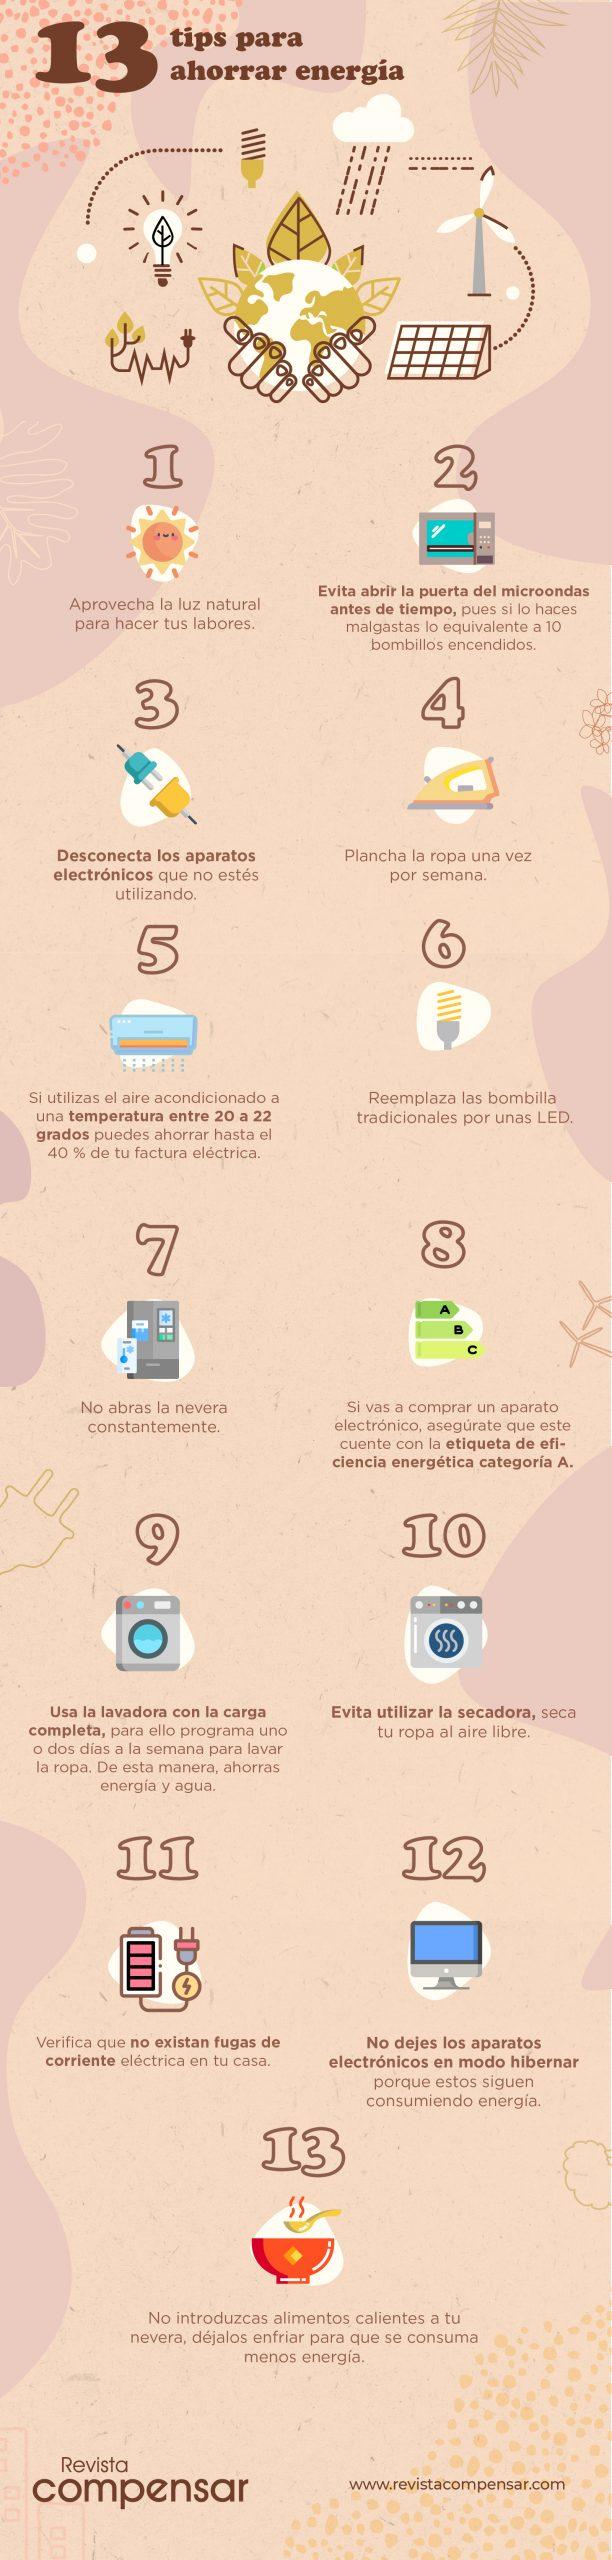 13 tips para ahorrar energía